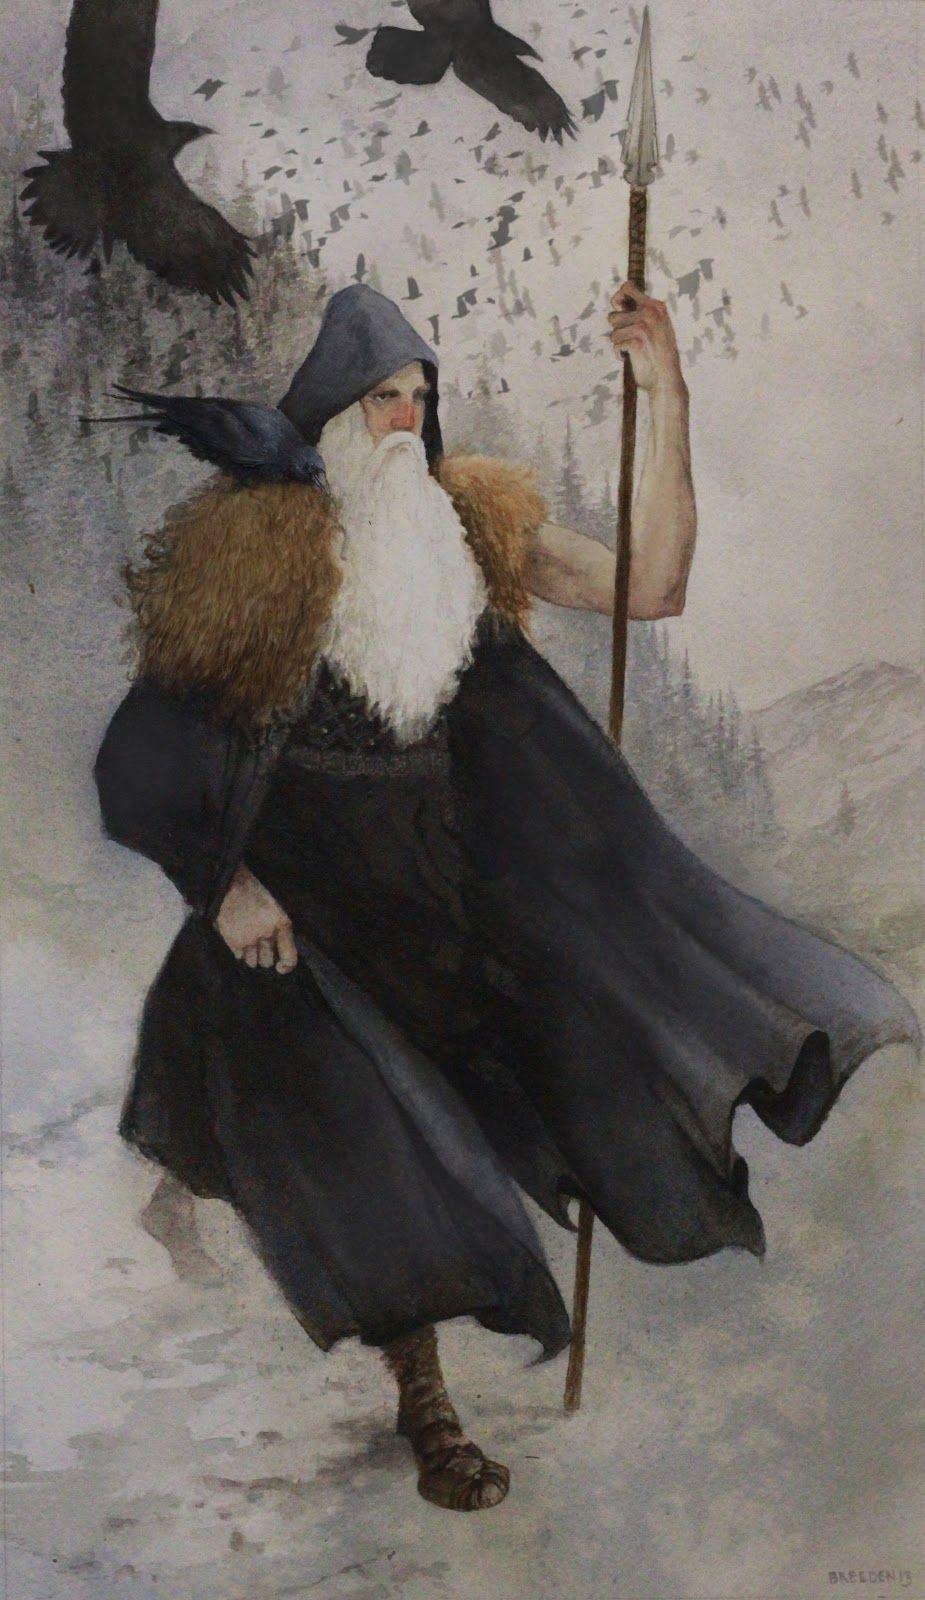 Odin the Wanderer By Jeff Breeden